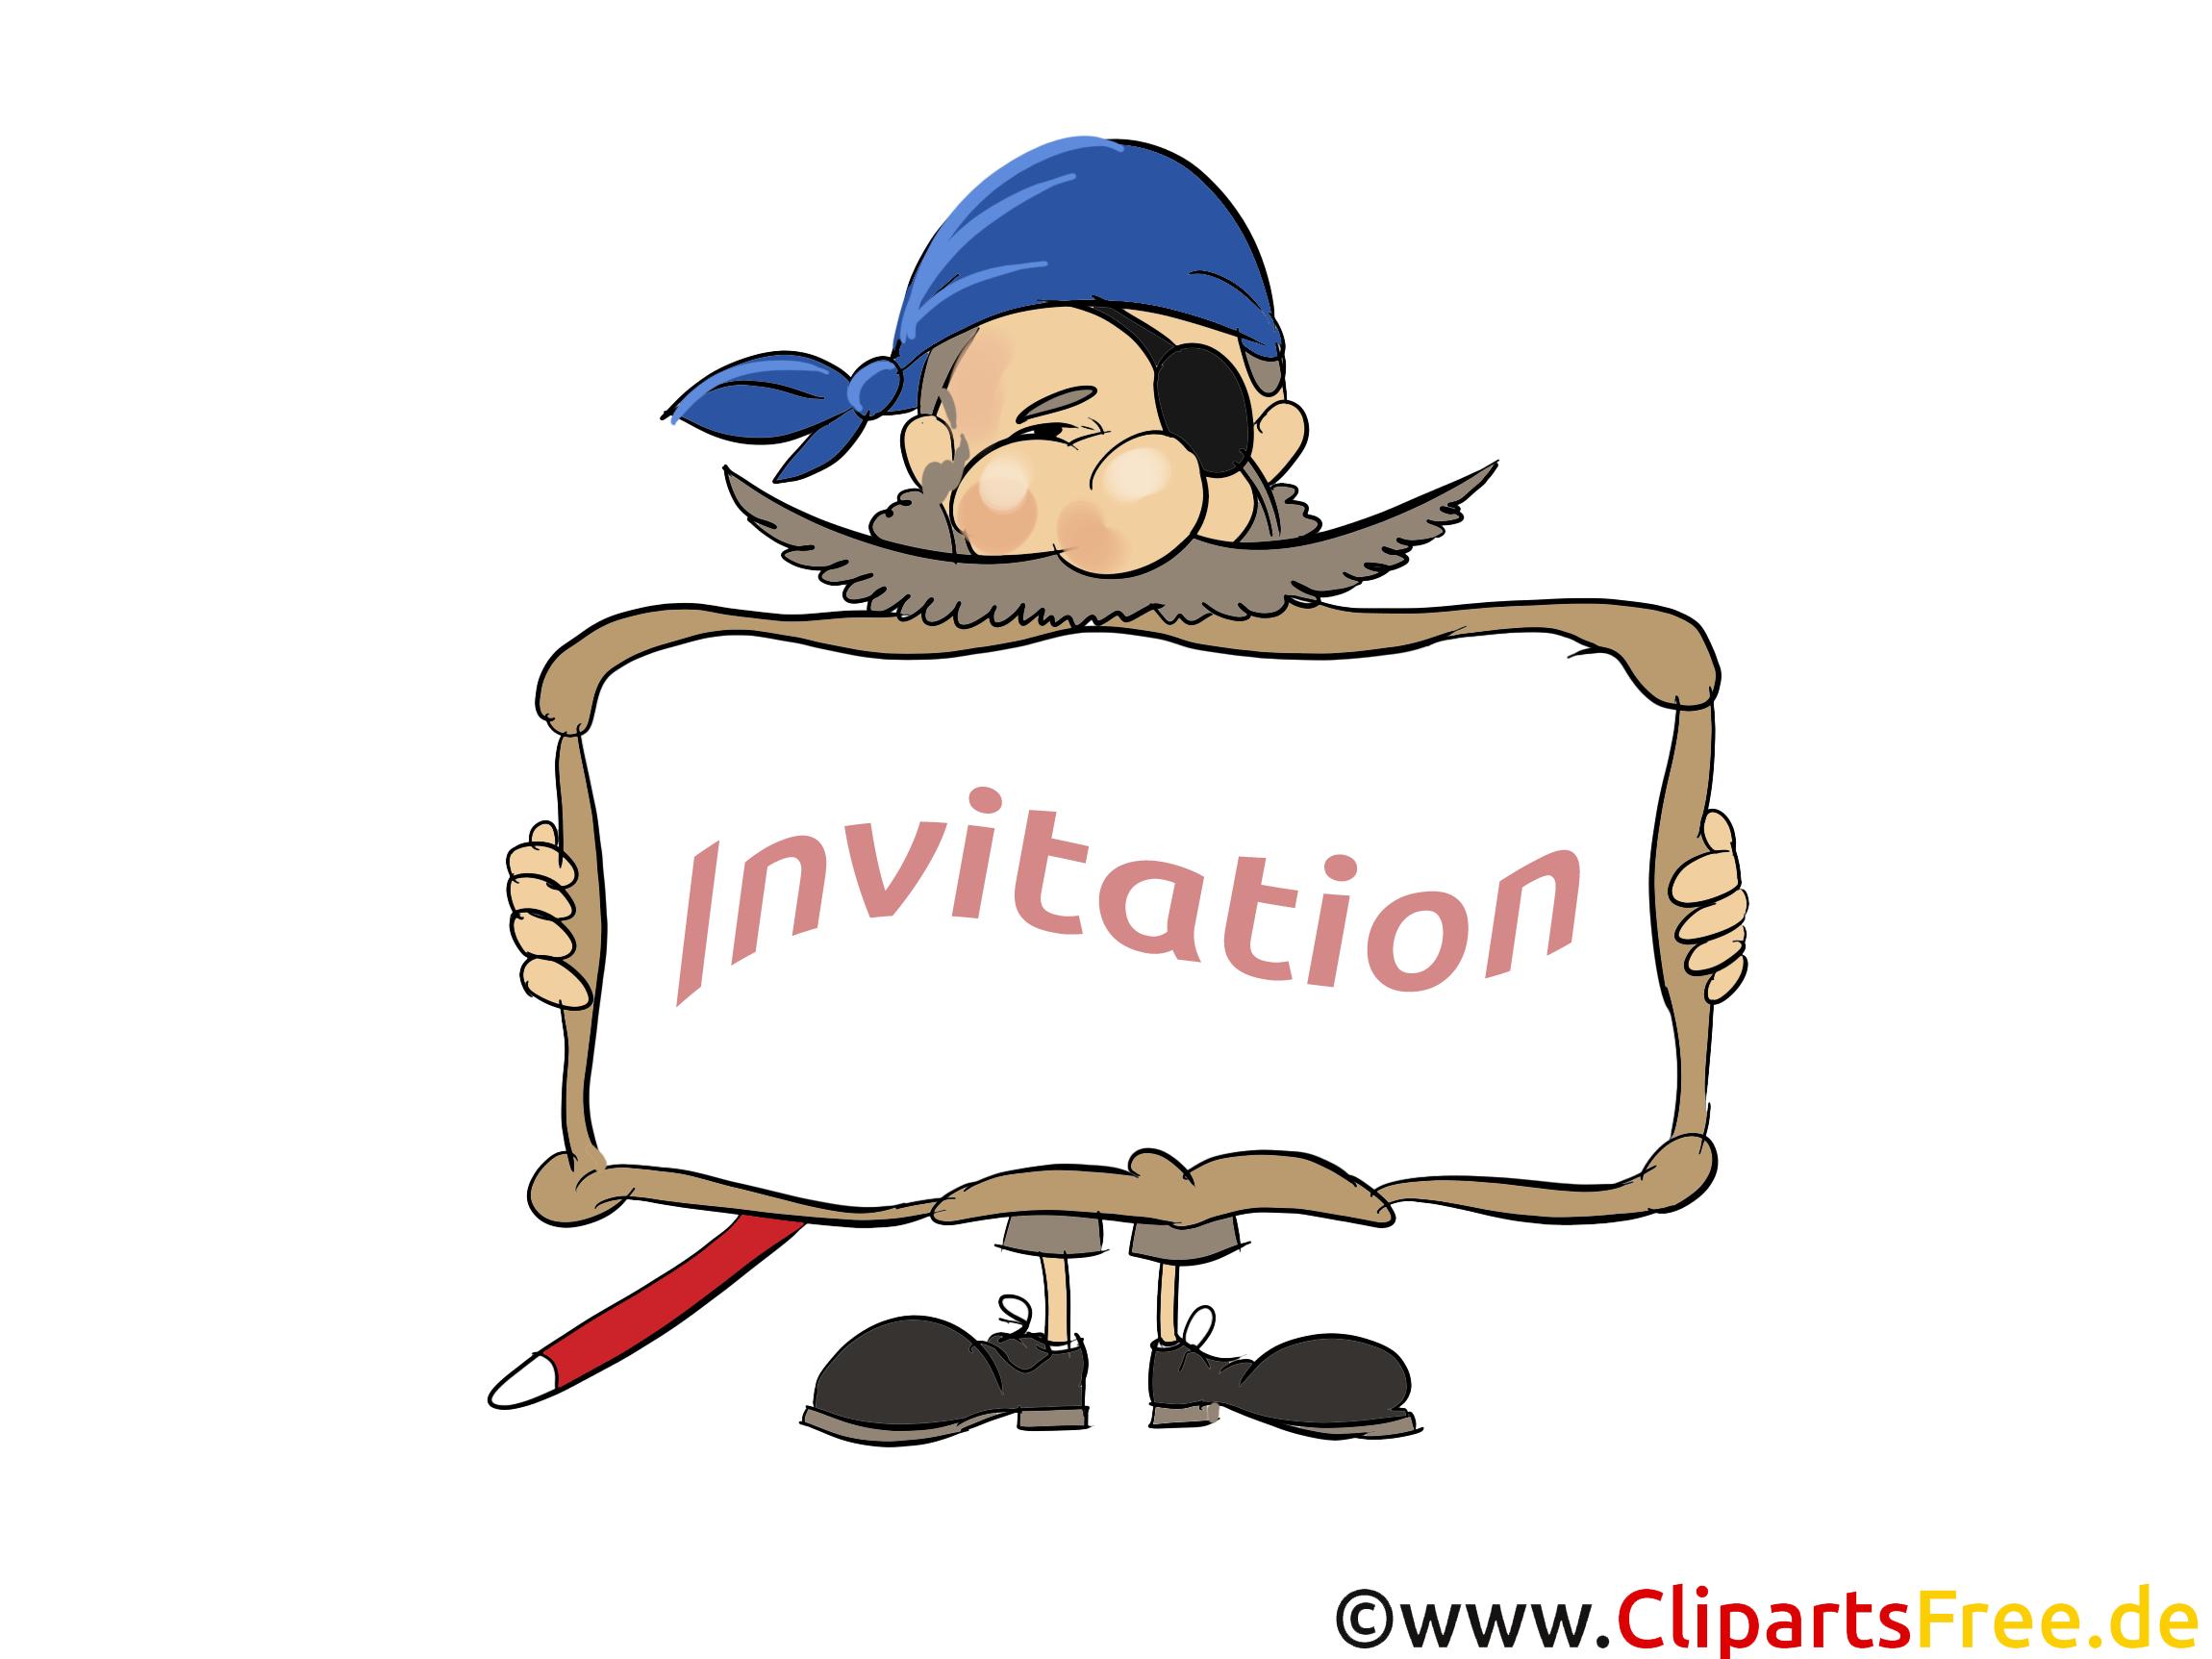 Pirate image gratuite - Invitation cliparts